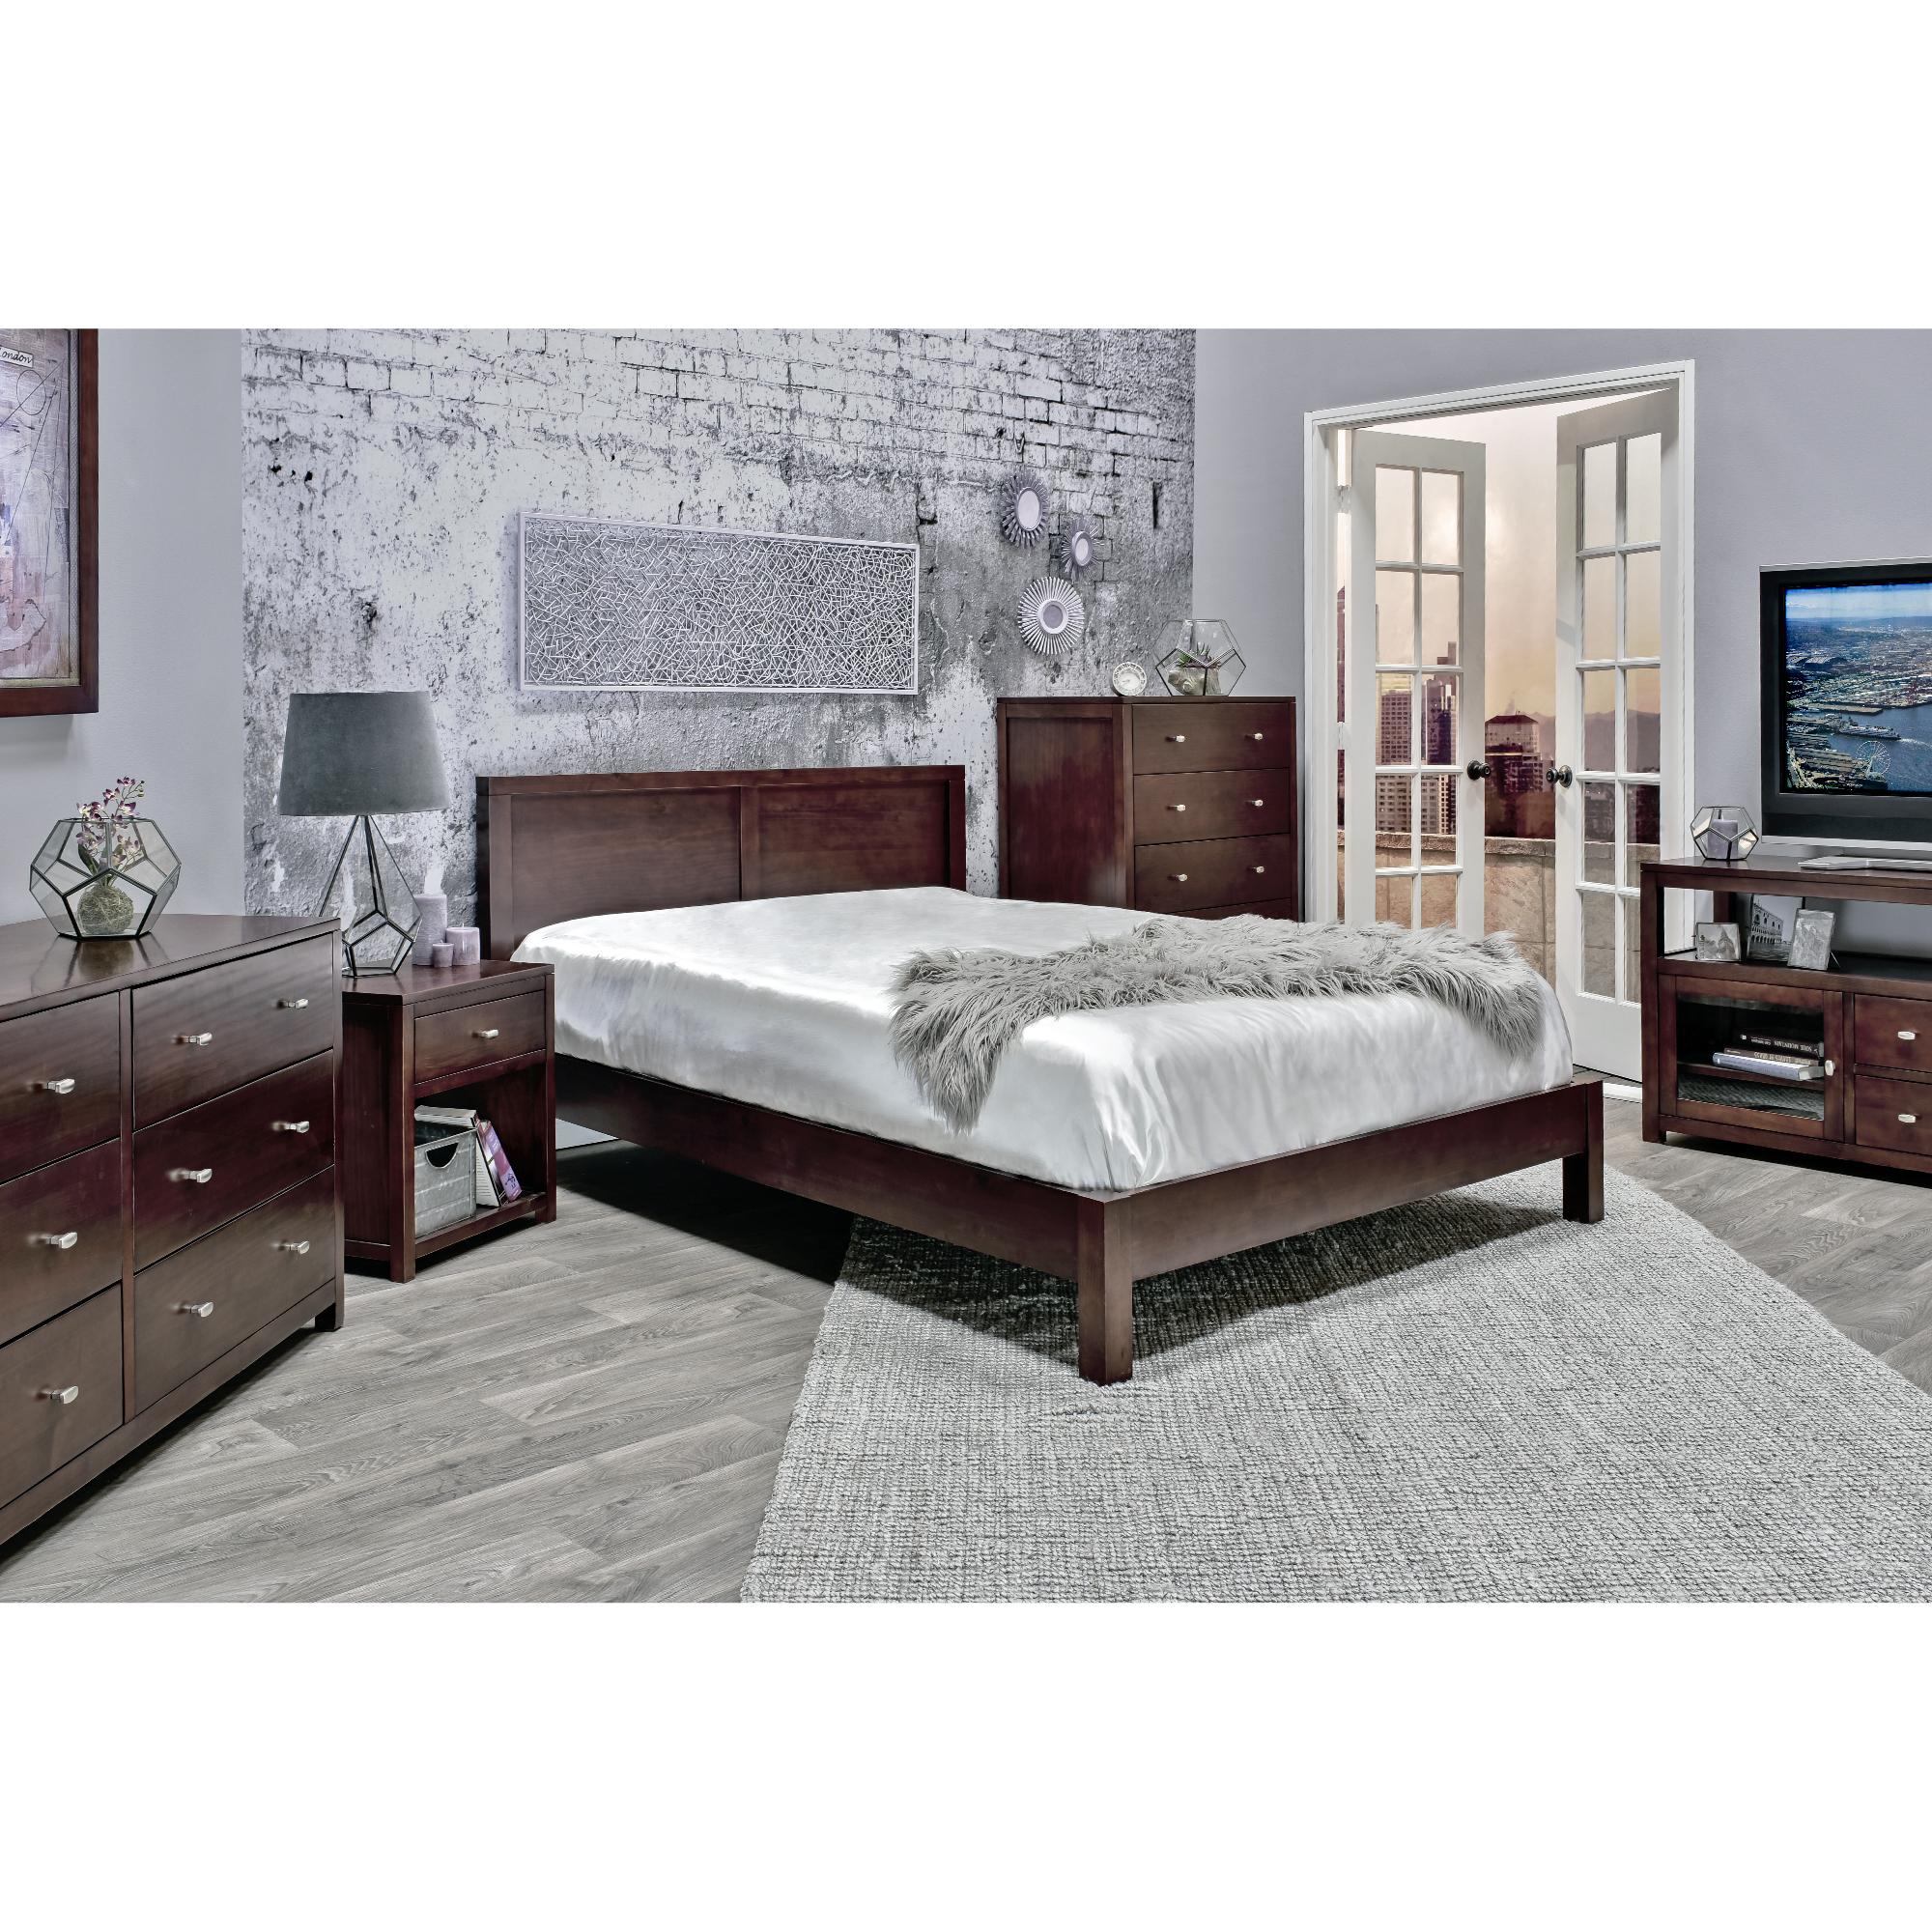 Pacifica 6-piece Bedroom Set | Epoch Design